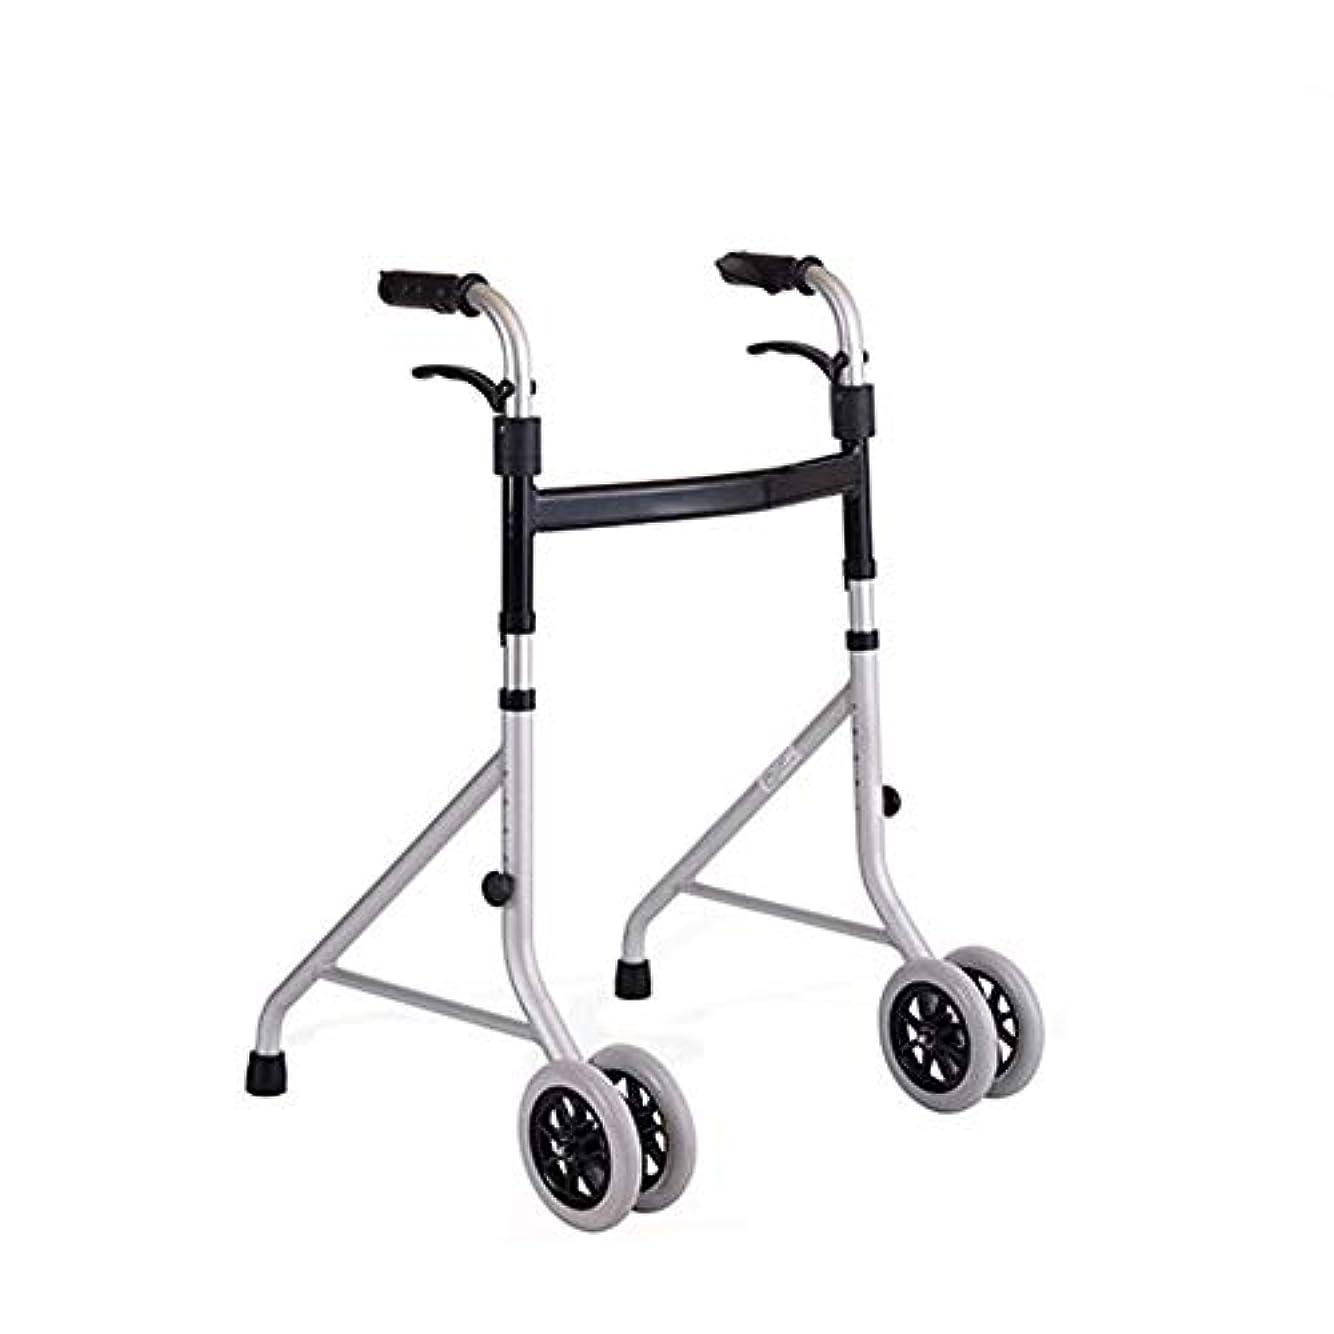 特派員噴水知っているに立ち寄る折りたたみ式軽量アルミニウム歩行フレーム/ジマー/ 4車輪付き歩行器-高さ調節可能 (Color : Gray)